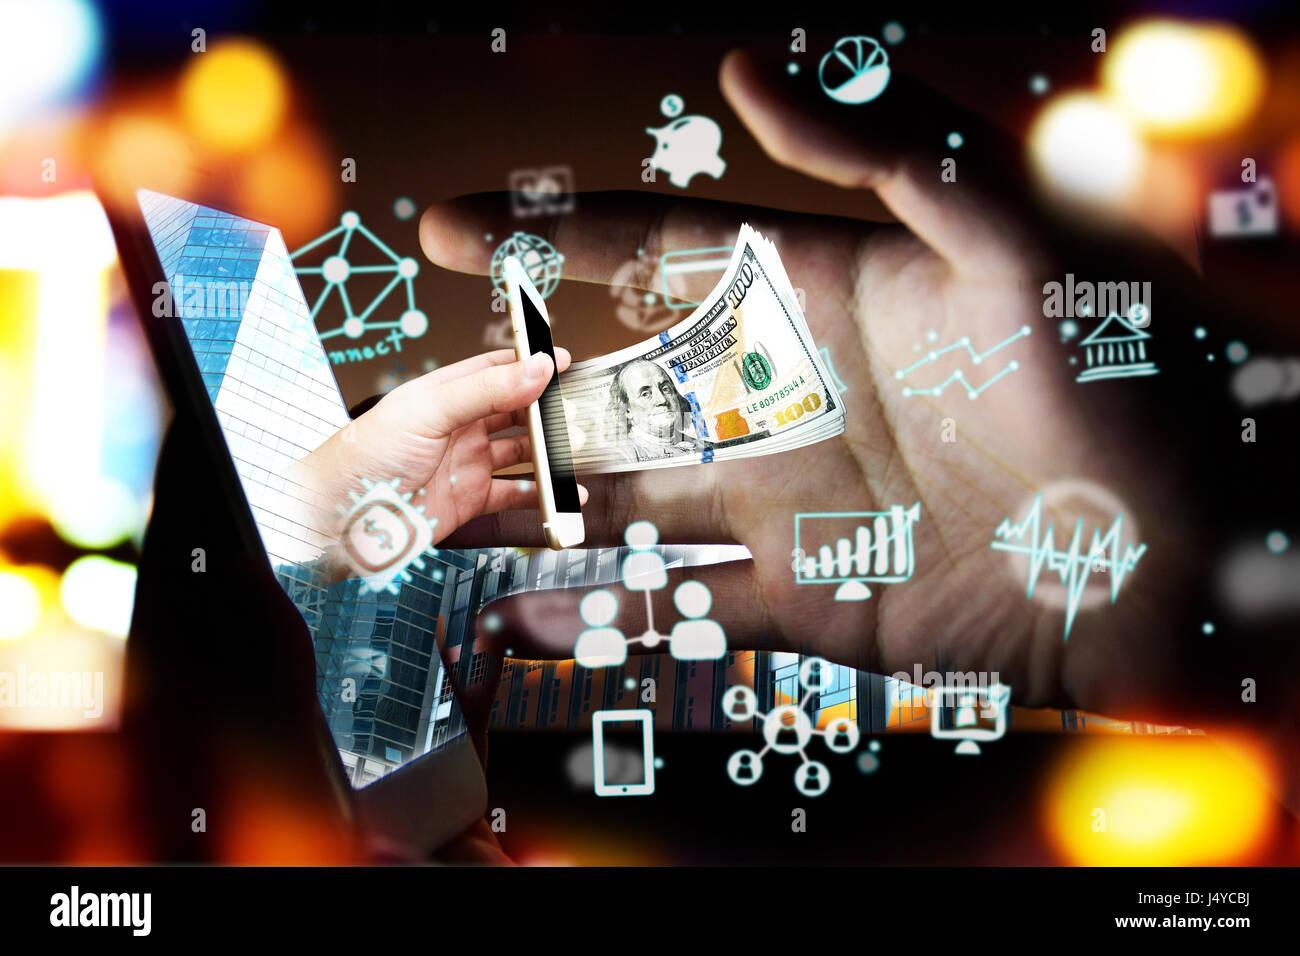 Fintech finanziaria Investimento concetto tecnologico. P2P il pagamento Concetto di immagine.Startup e la folla Immagini Stock